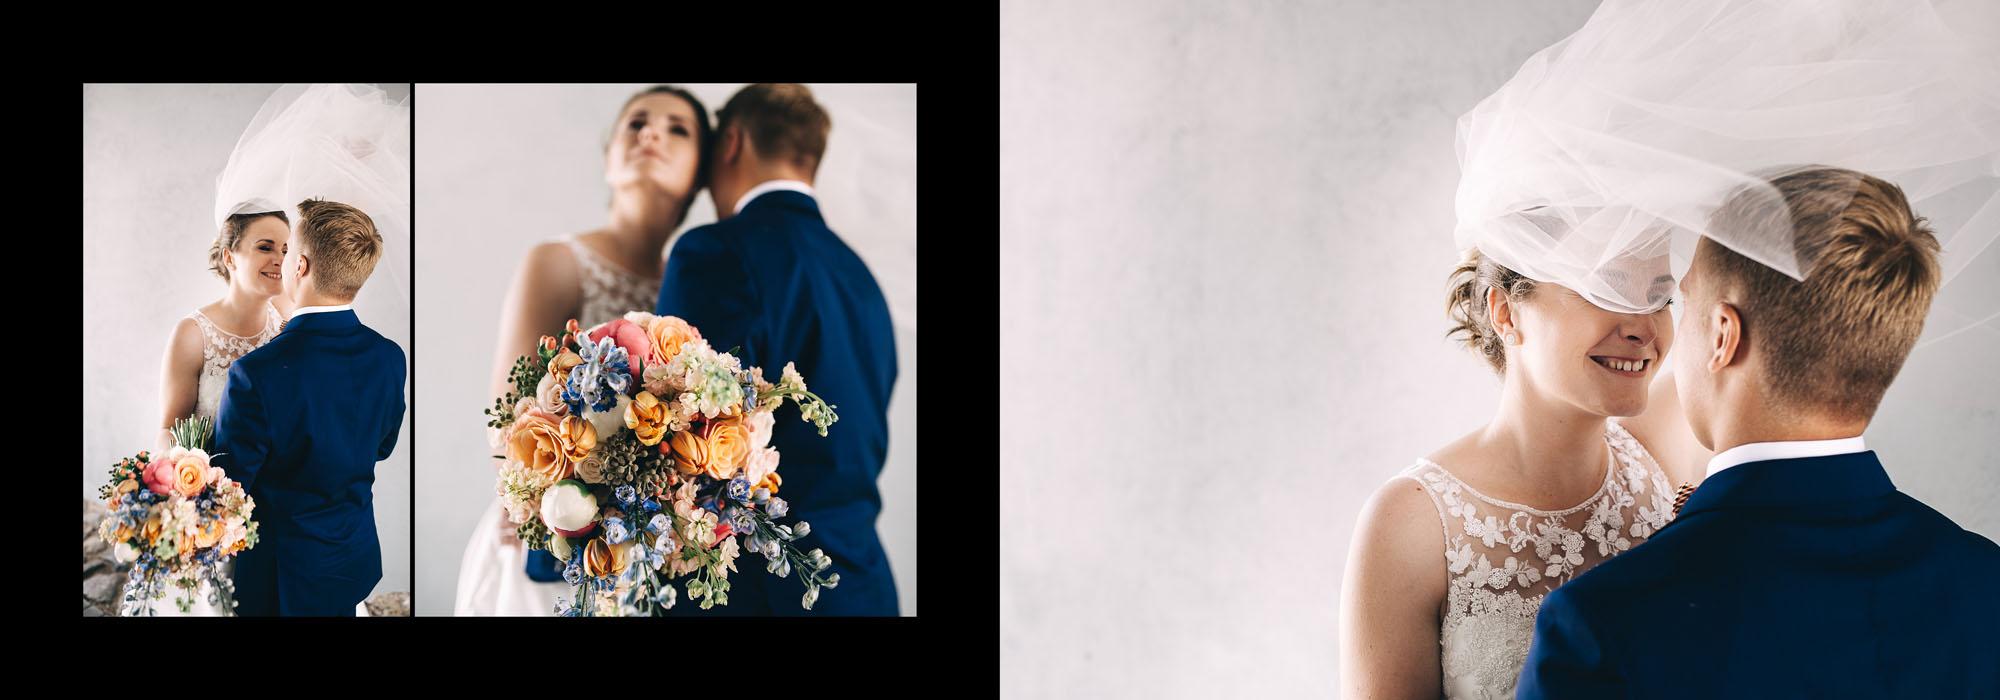 Vestuviu fotografas_17